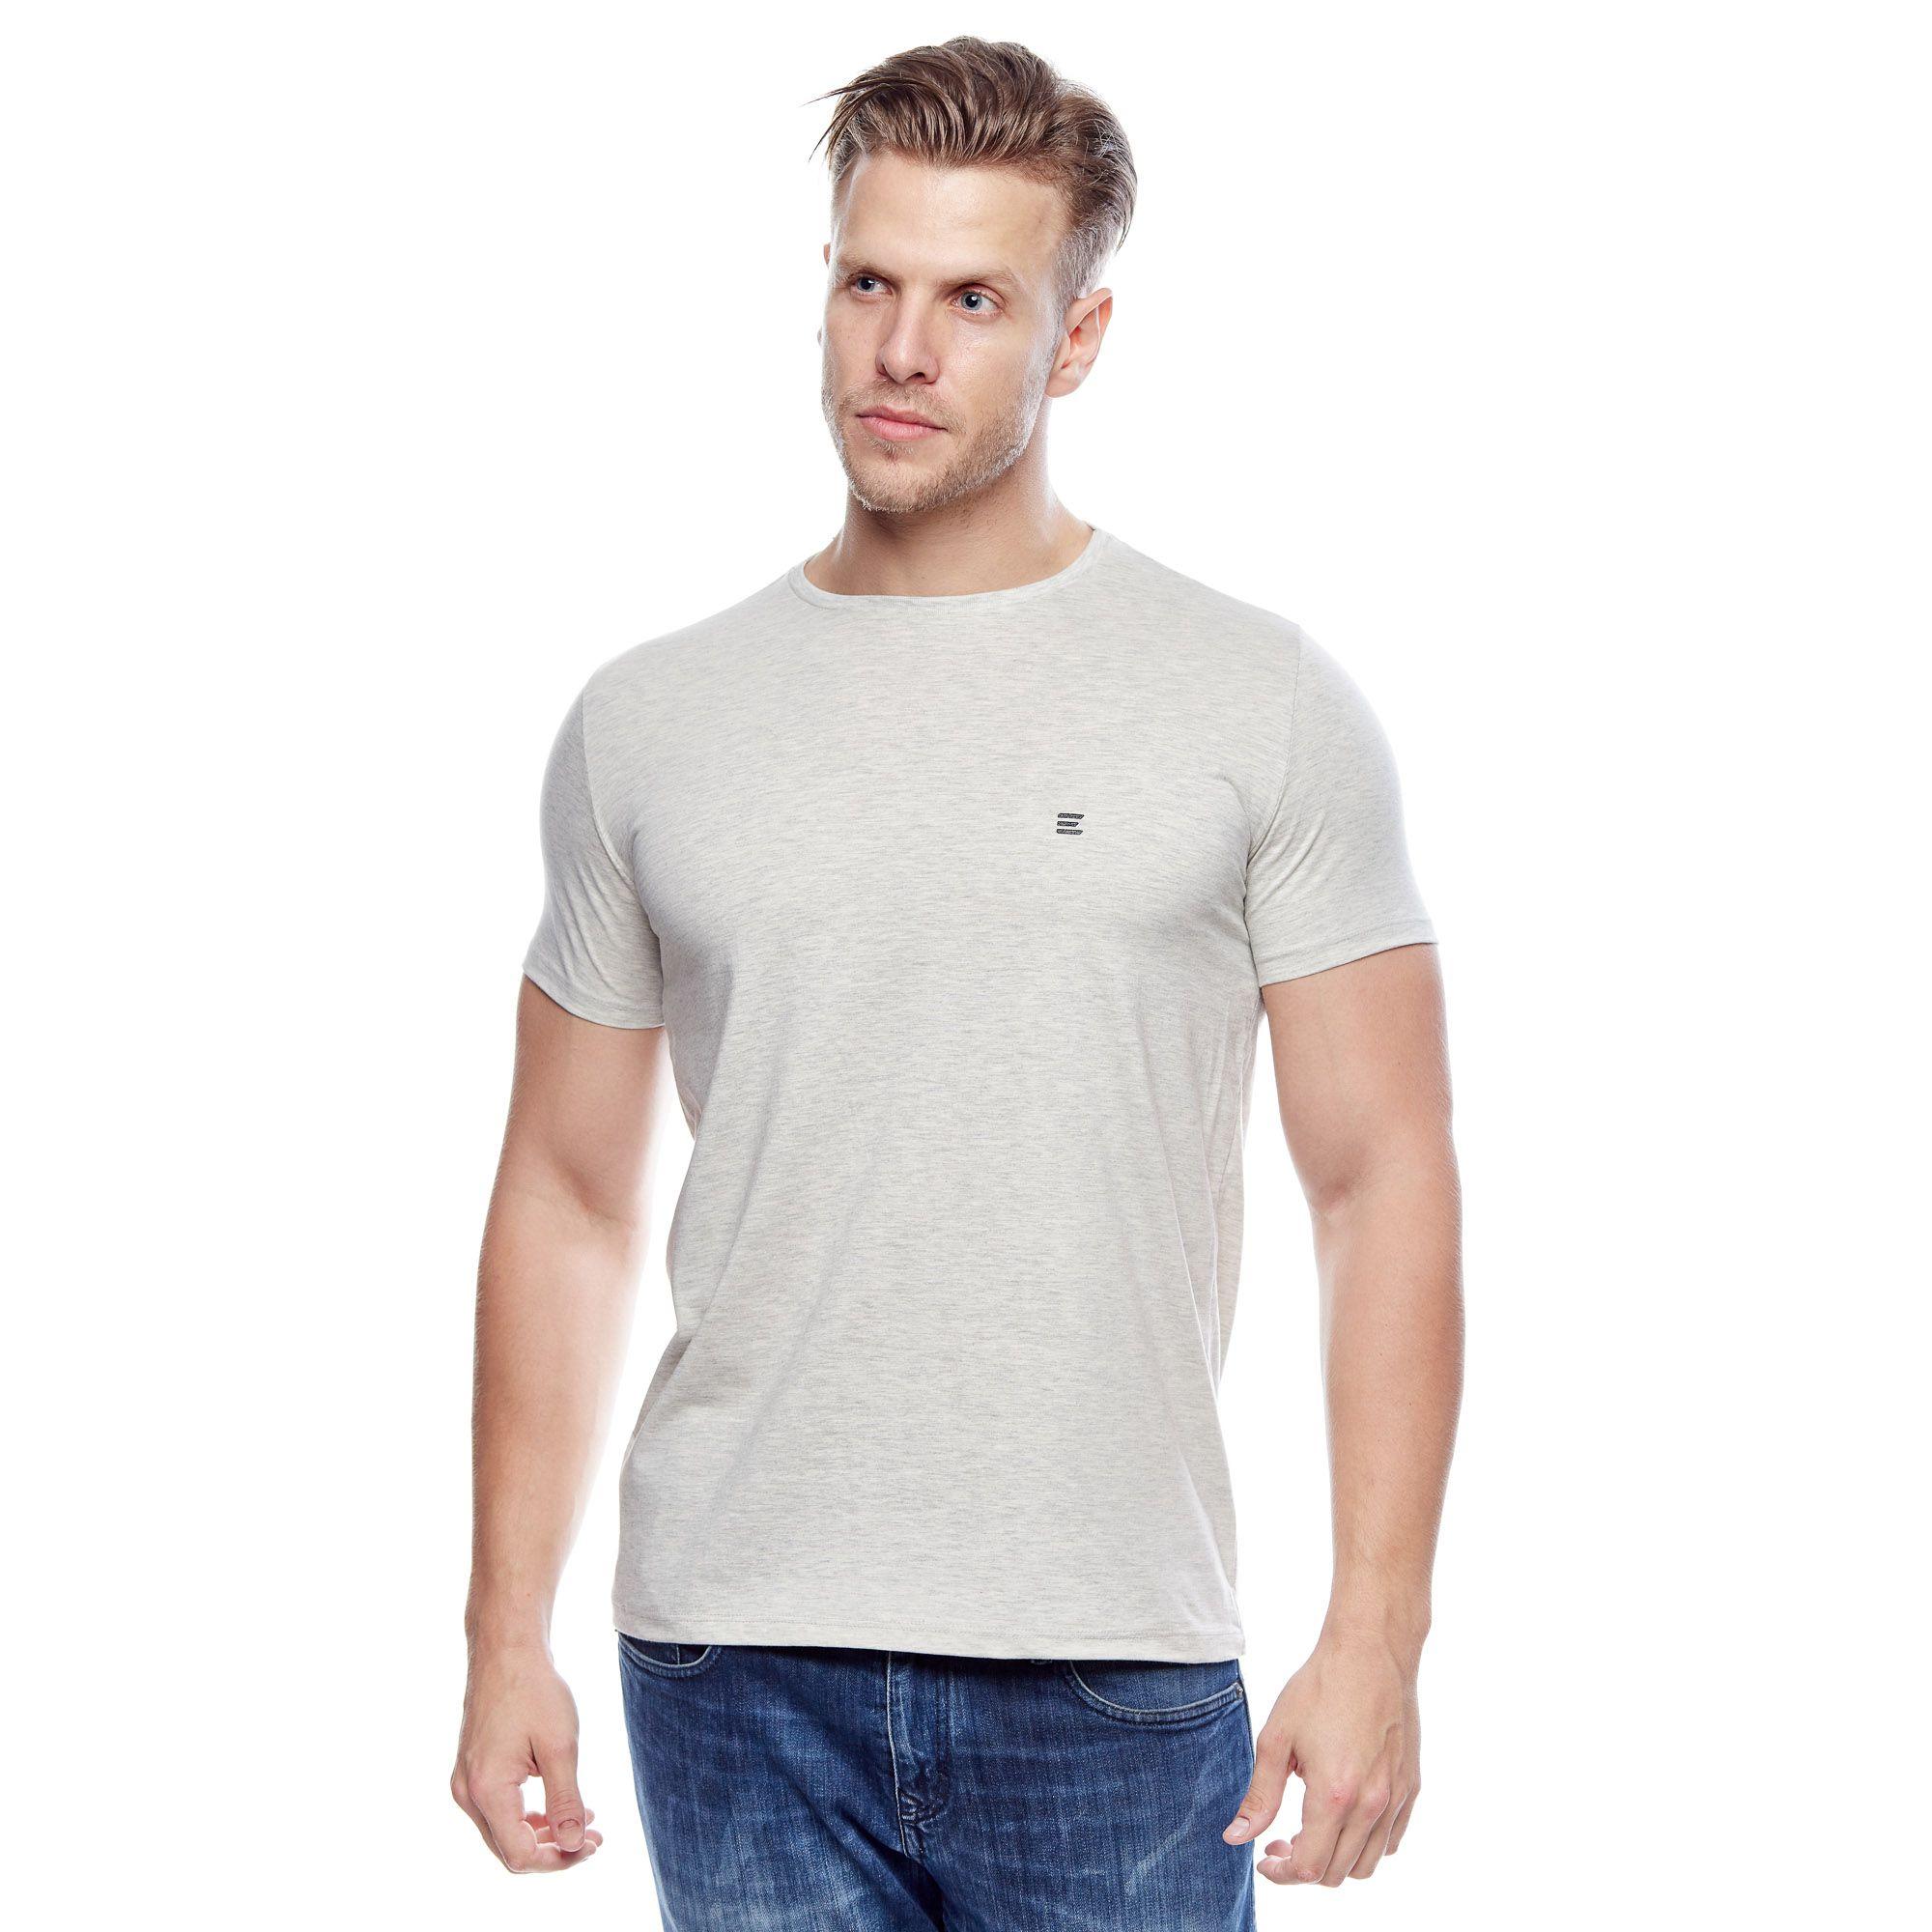 Camiseta Evolvee Básica Meia Malha Masculina